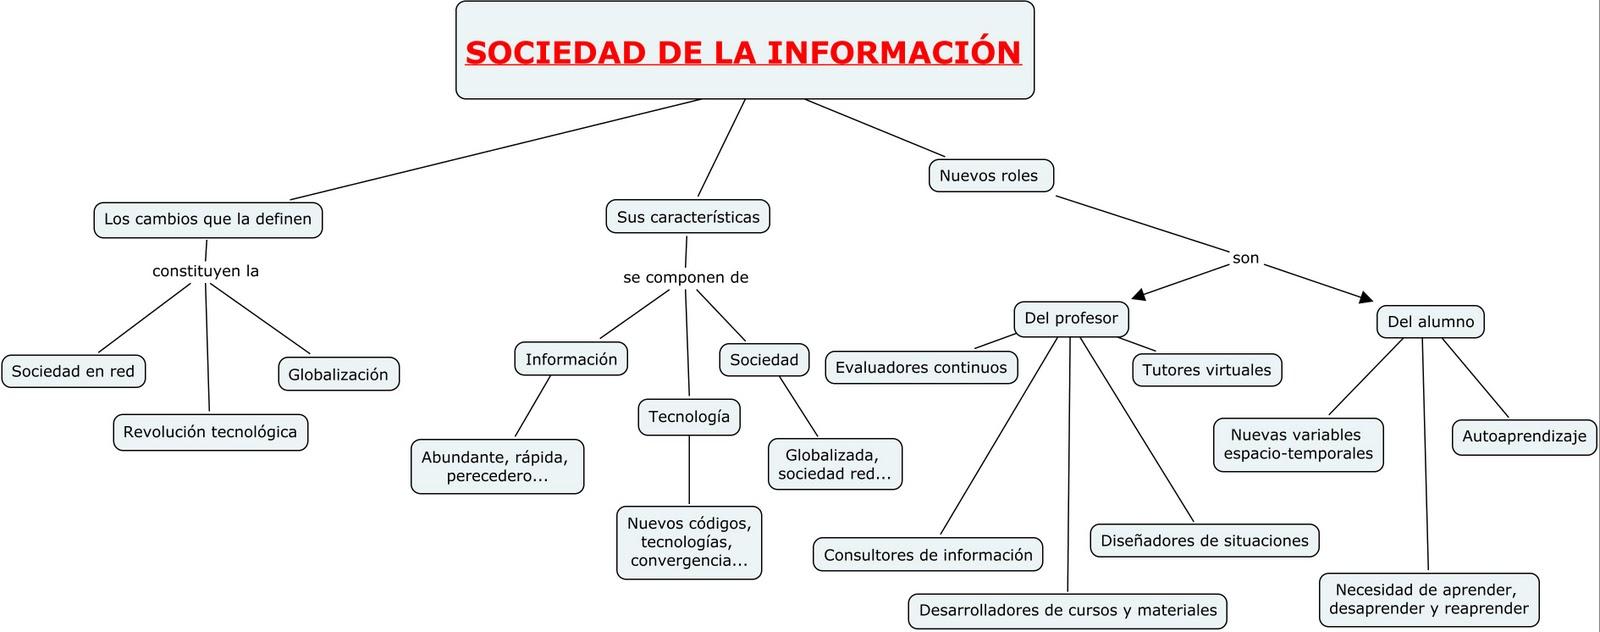 Mapa Mental Tecnologias De La Informacion Beautiful